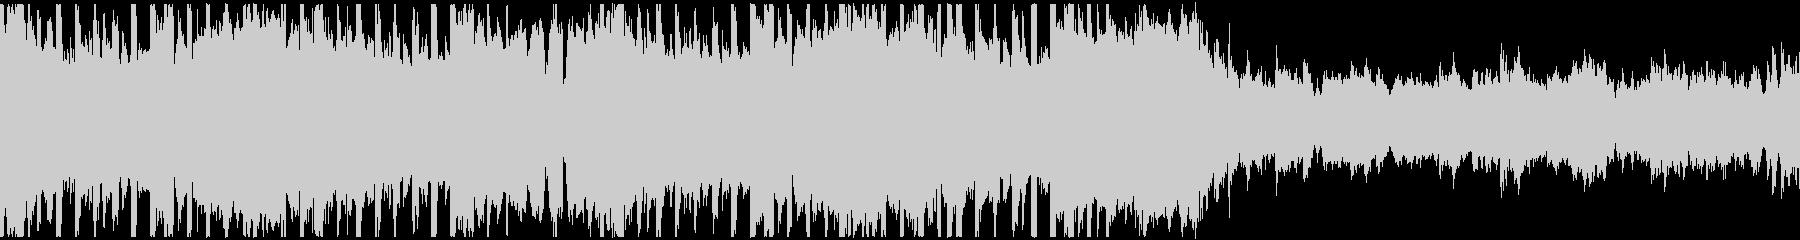 VP系9、クラブ系、クール、オシャレDの未再生の波形